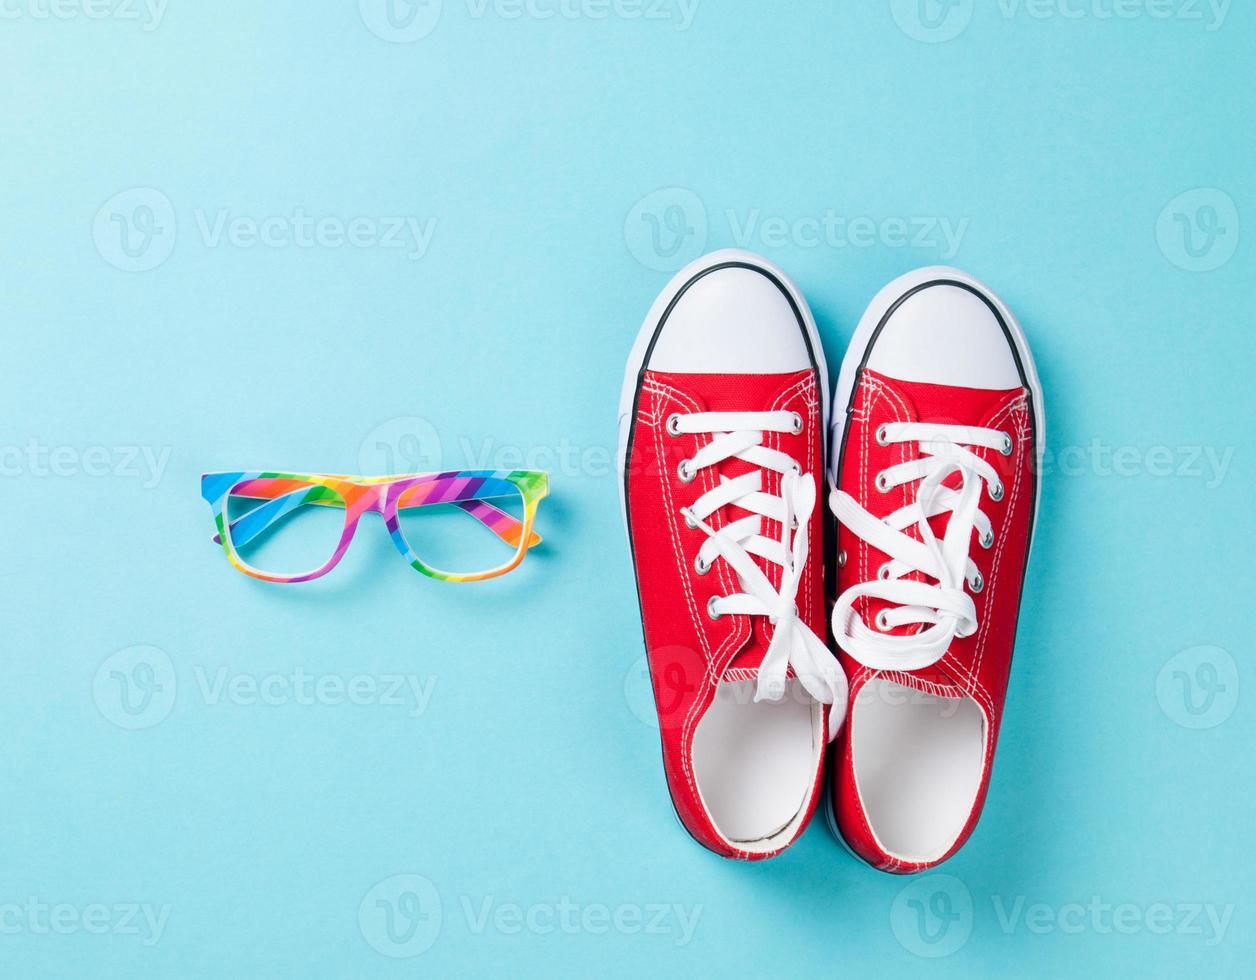 kauwgumschoenen met witte schoenveters en glazen foto